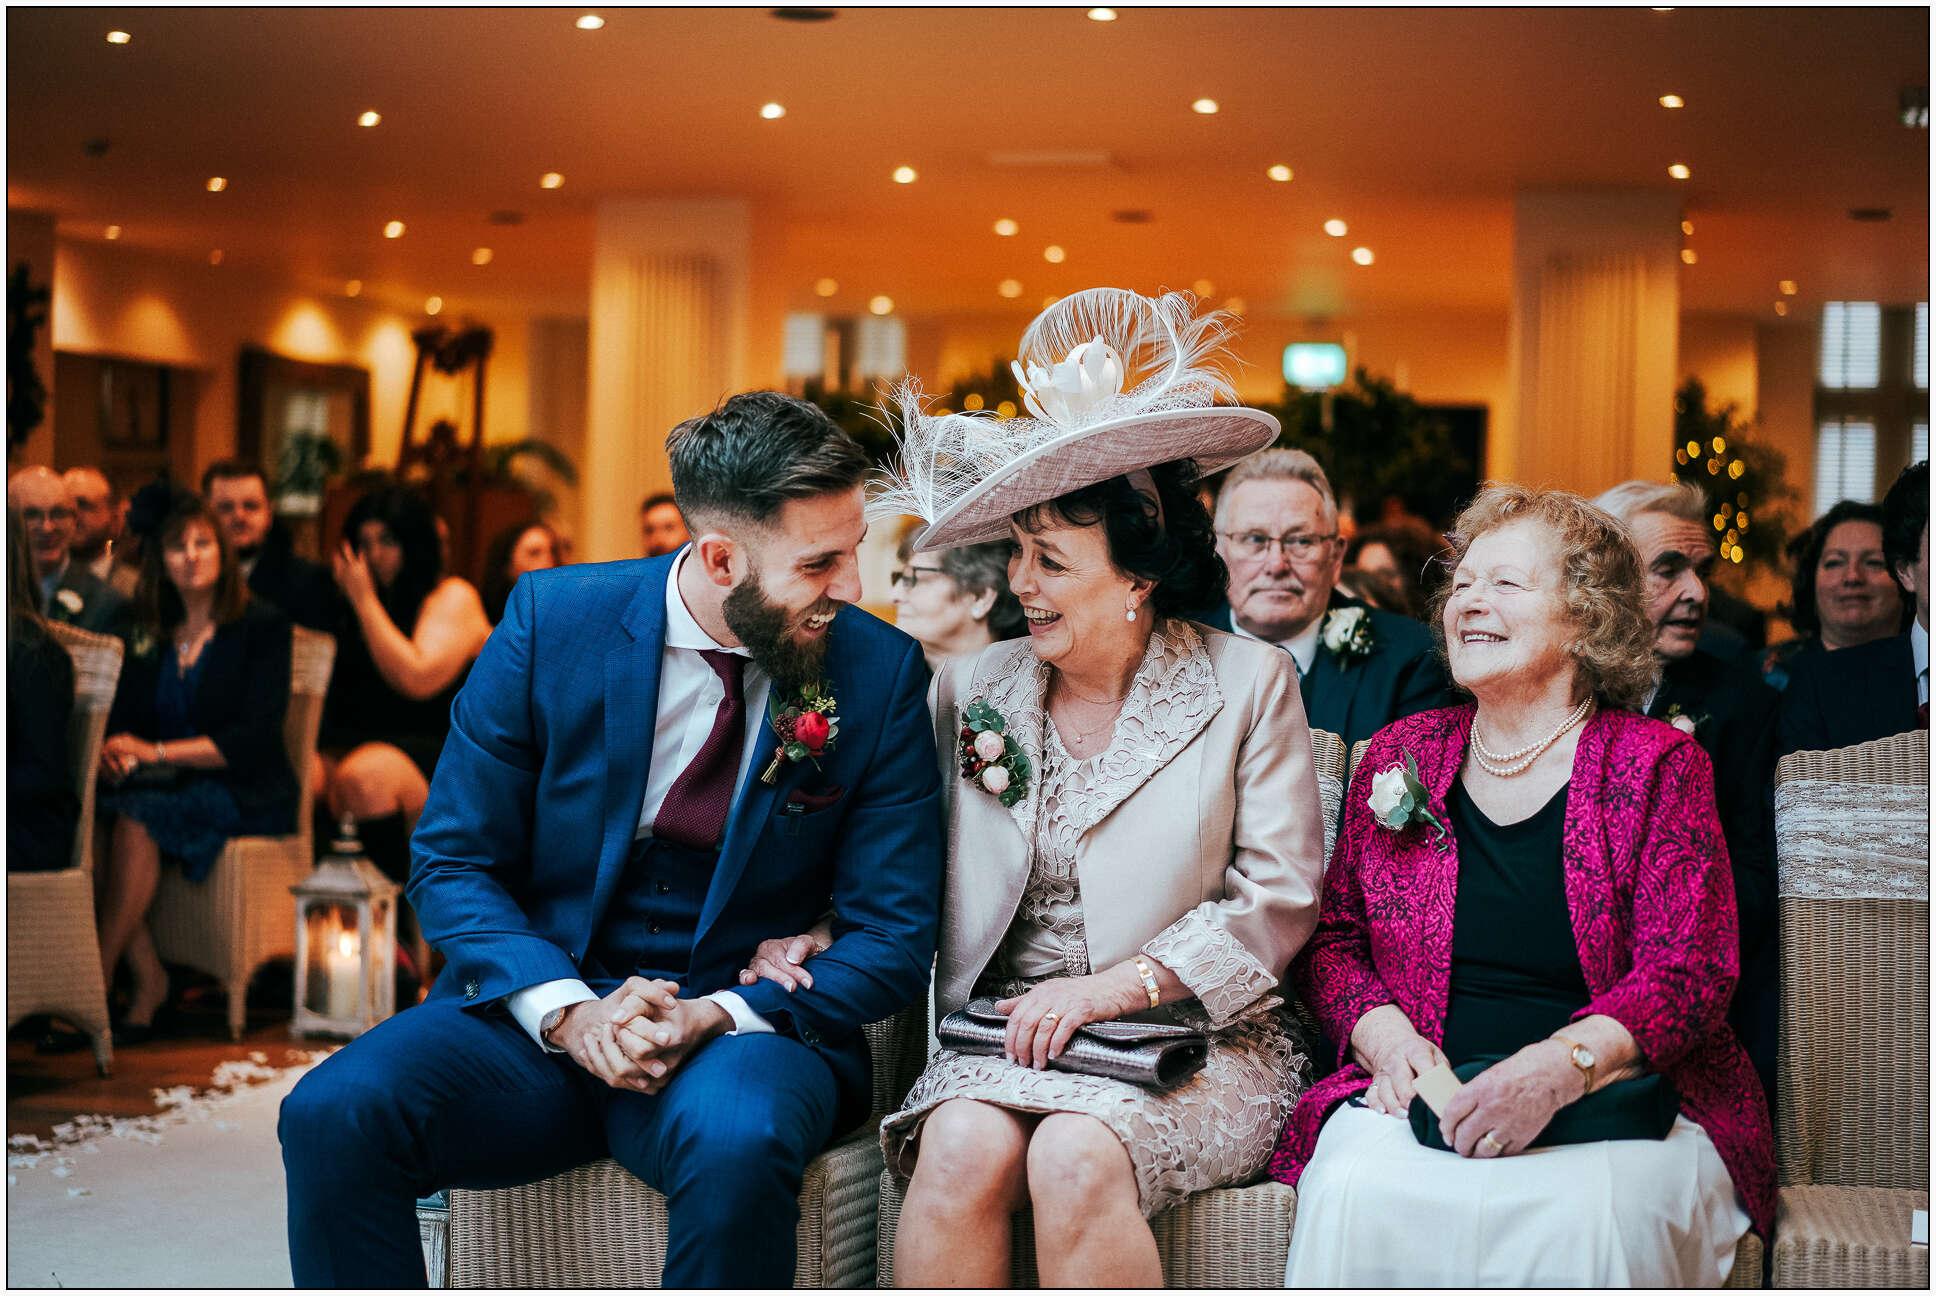 Mitton_Hall_Christmas_Wedding-18.jpg